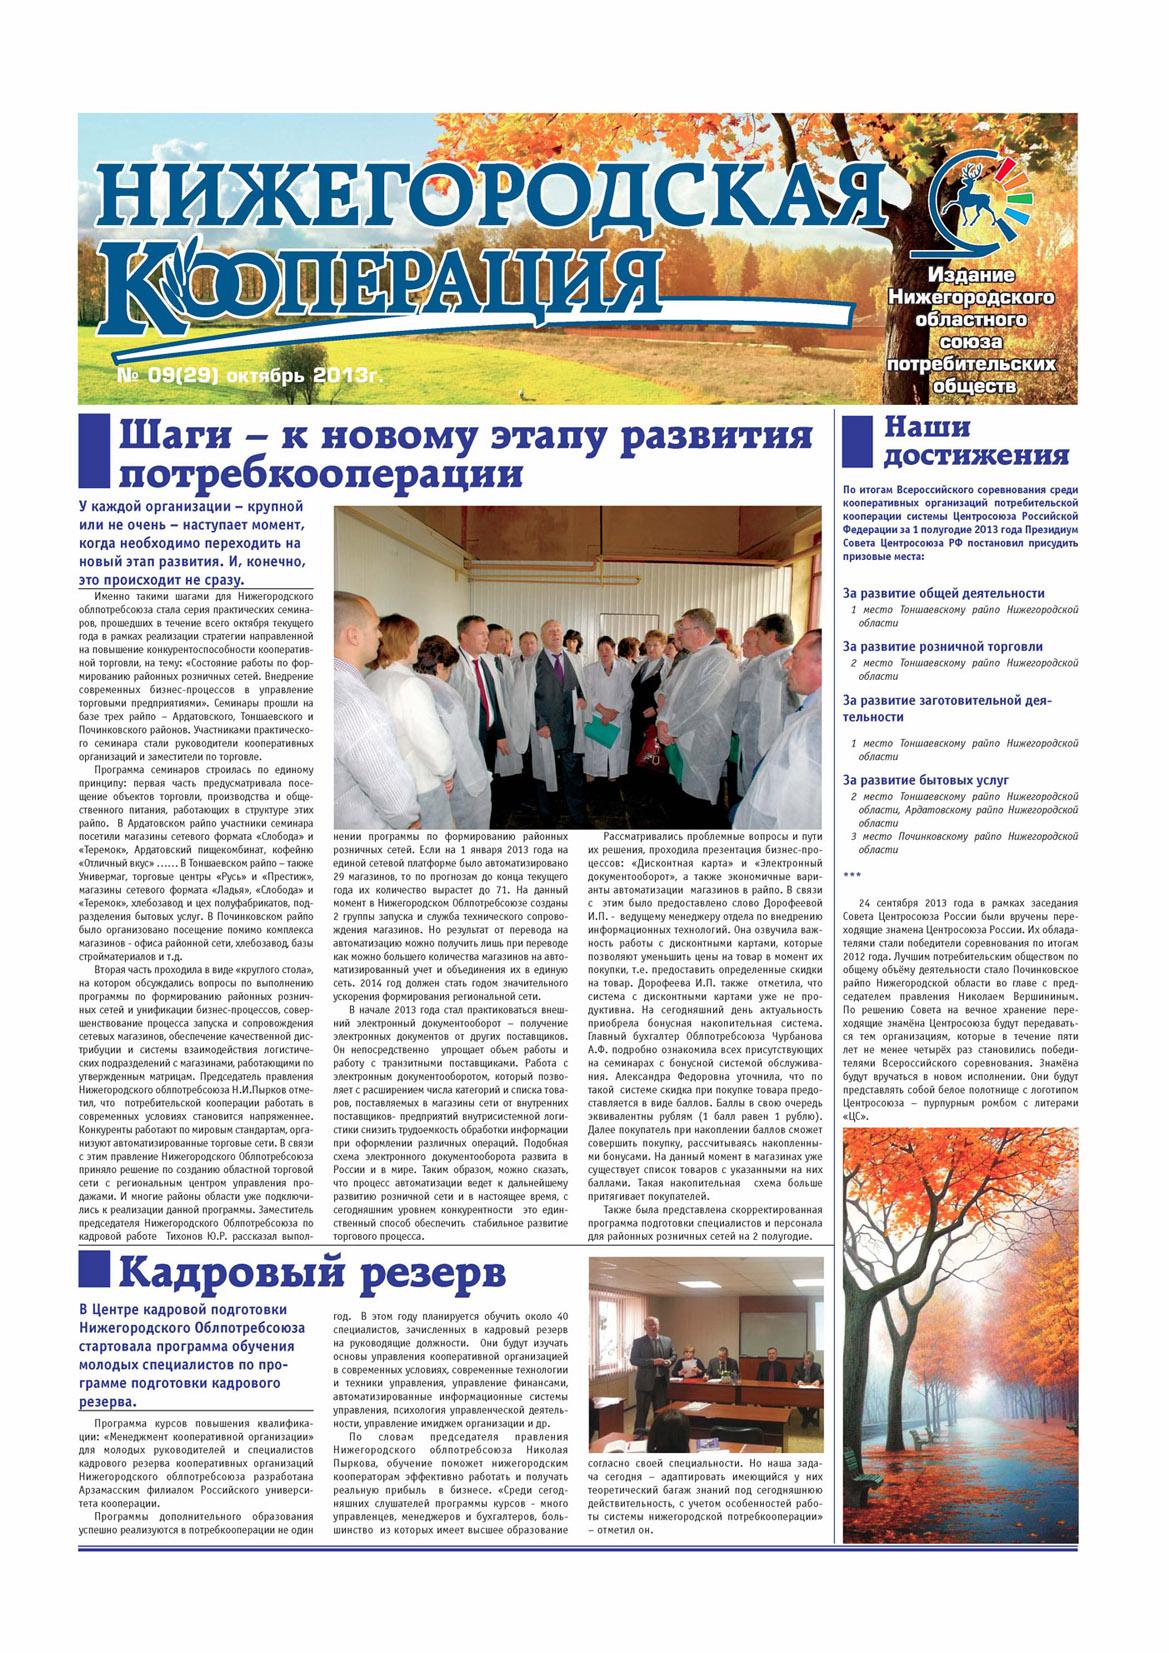 Нижегородская кооперация №9 октябрь 2013 г.